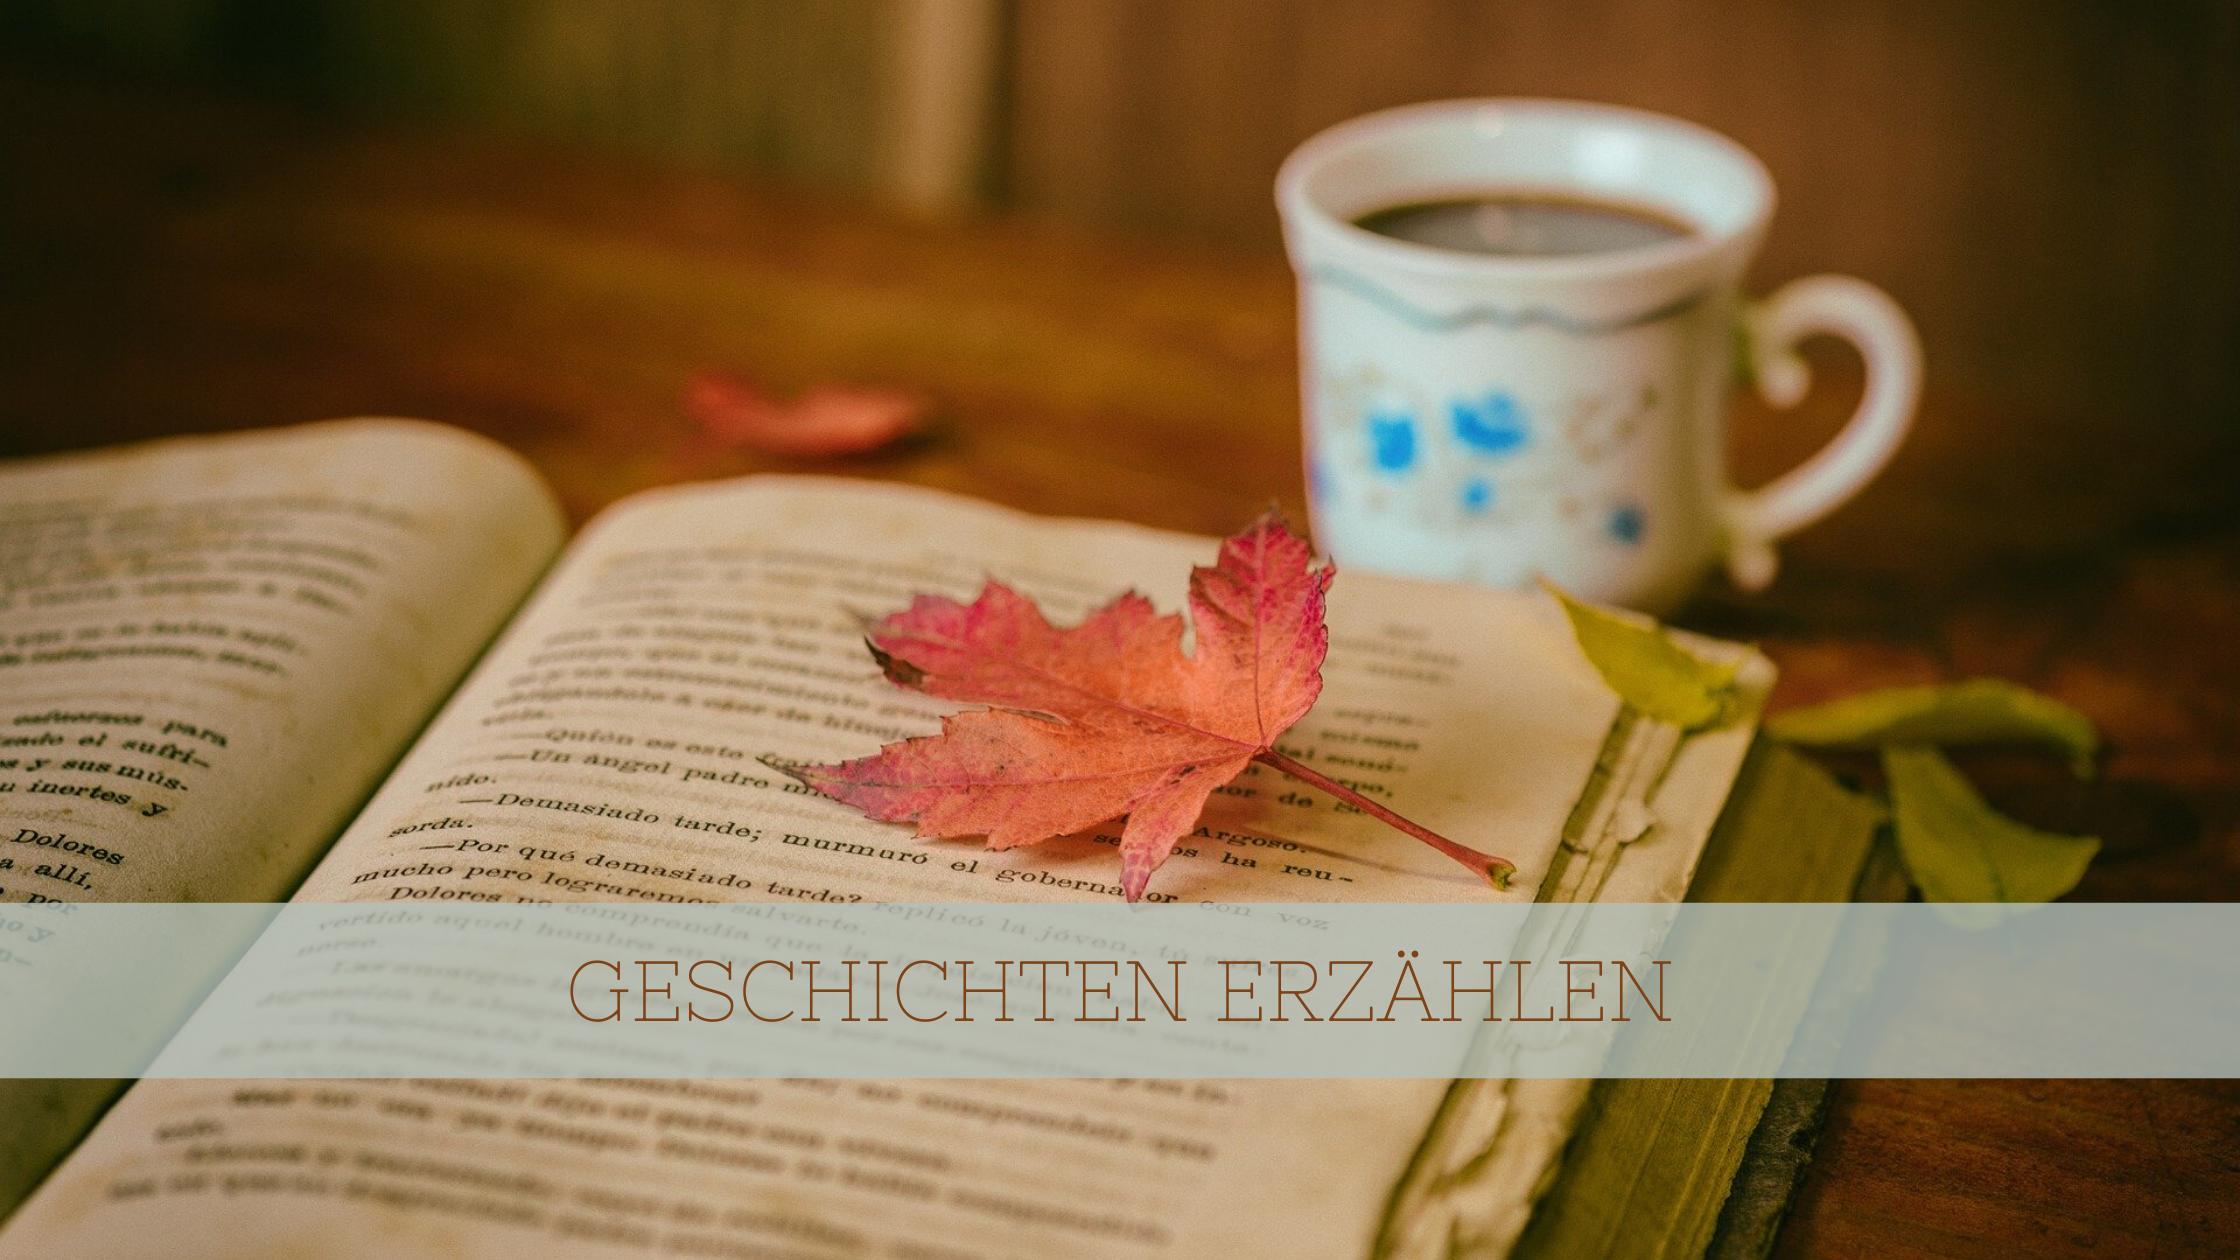 """Titelbild """"Geschichten erzählen"""" mit herbstlichem Buch im Hintergrund"""